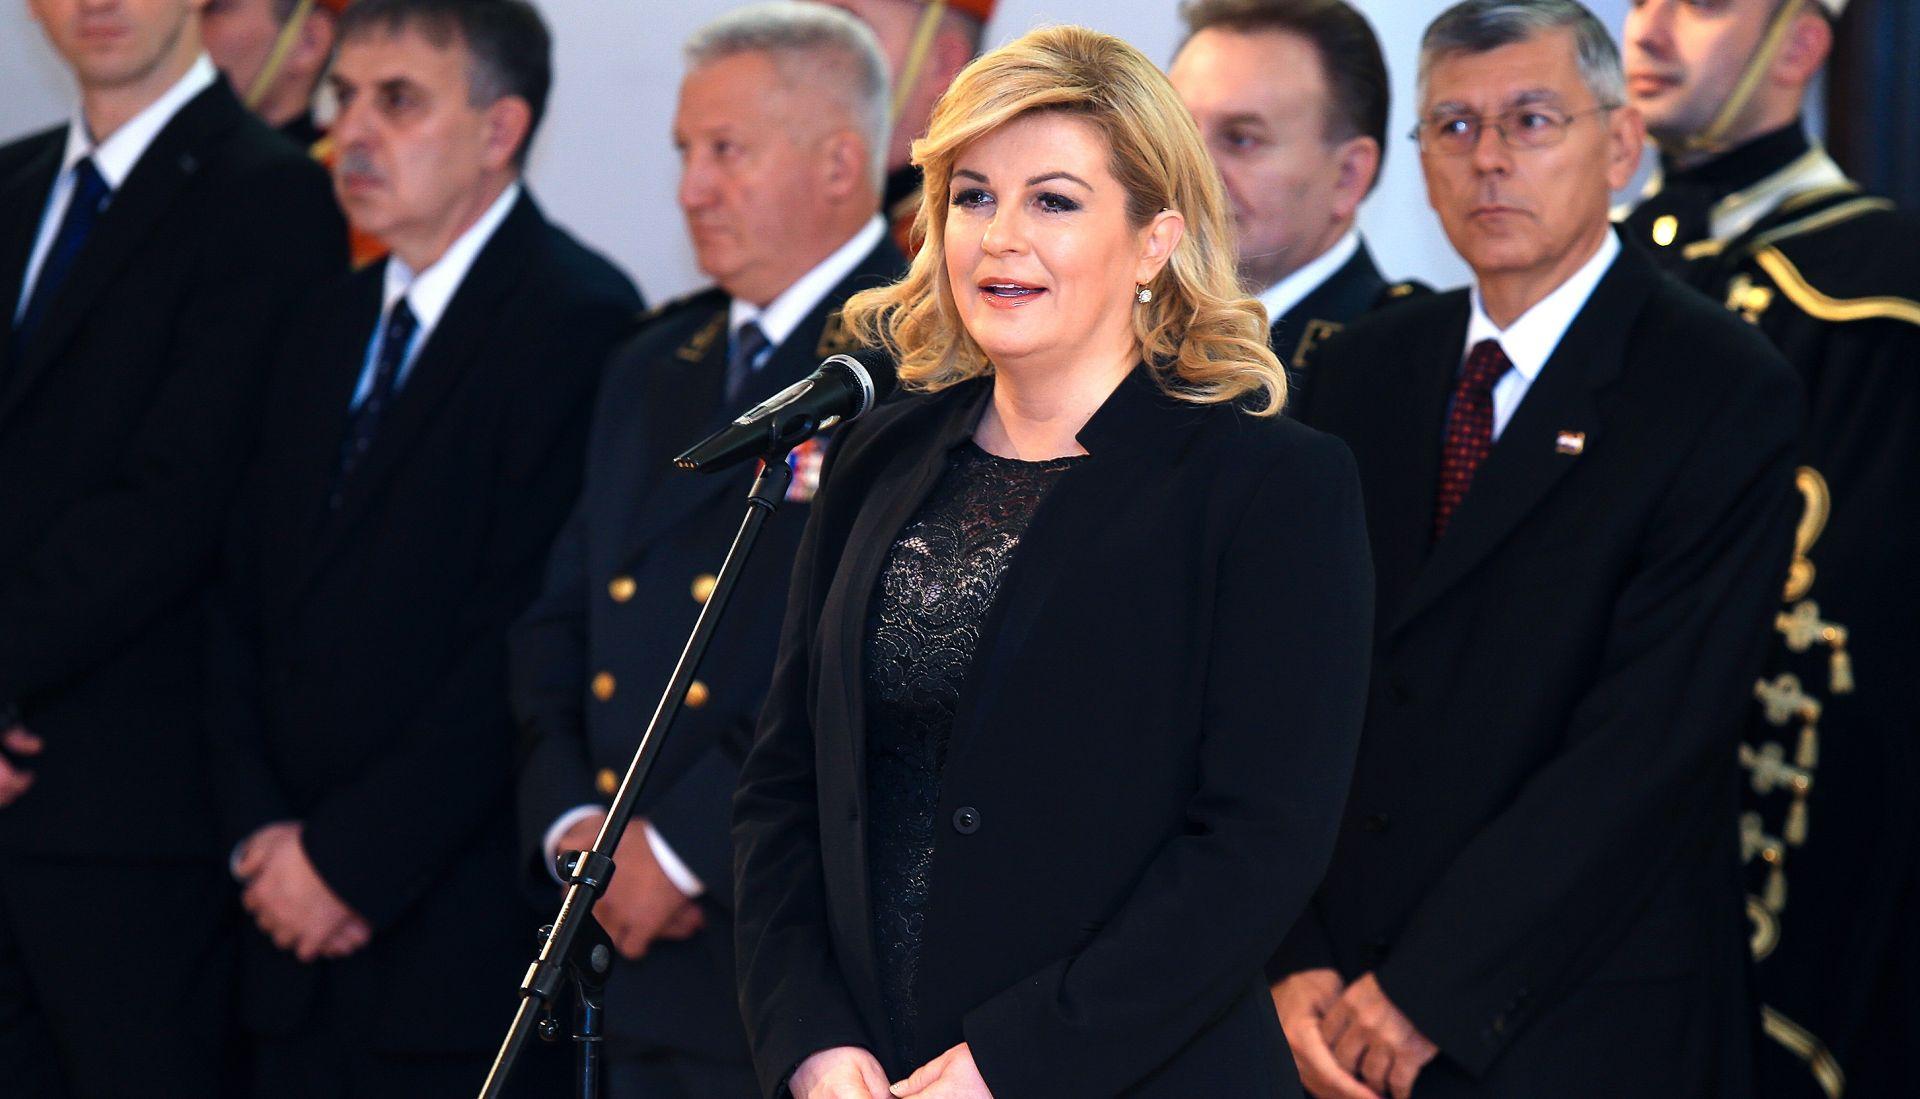 POVJERENSTVO ZA SUKOB INTERESA Pokreće se postupak protiv predsjednice Kolinde Grabar Kitarović